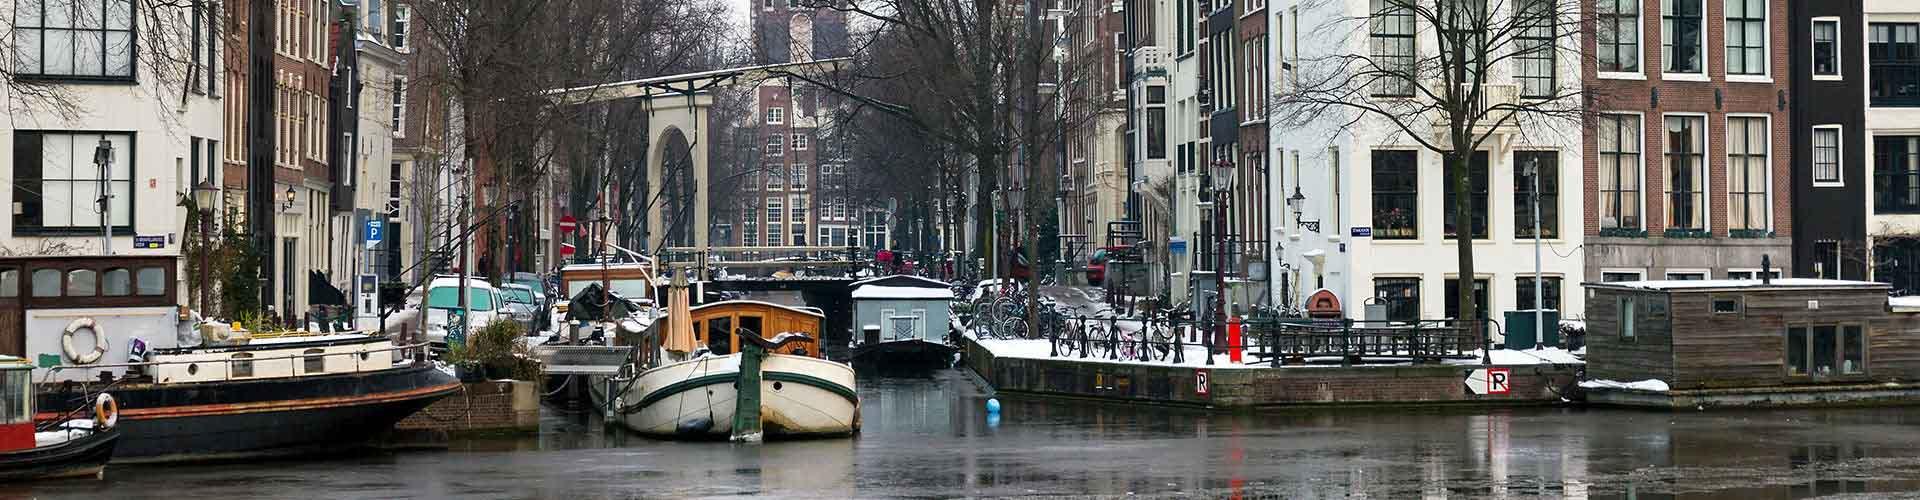 Amsterdam - Auberges de jeunesse dans le quartier de Amsterdam Oud Zuid. Cartes pour Amsterdam, photos et commentaires pour chaque auberge de jeunesse à Amsterdam.